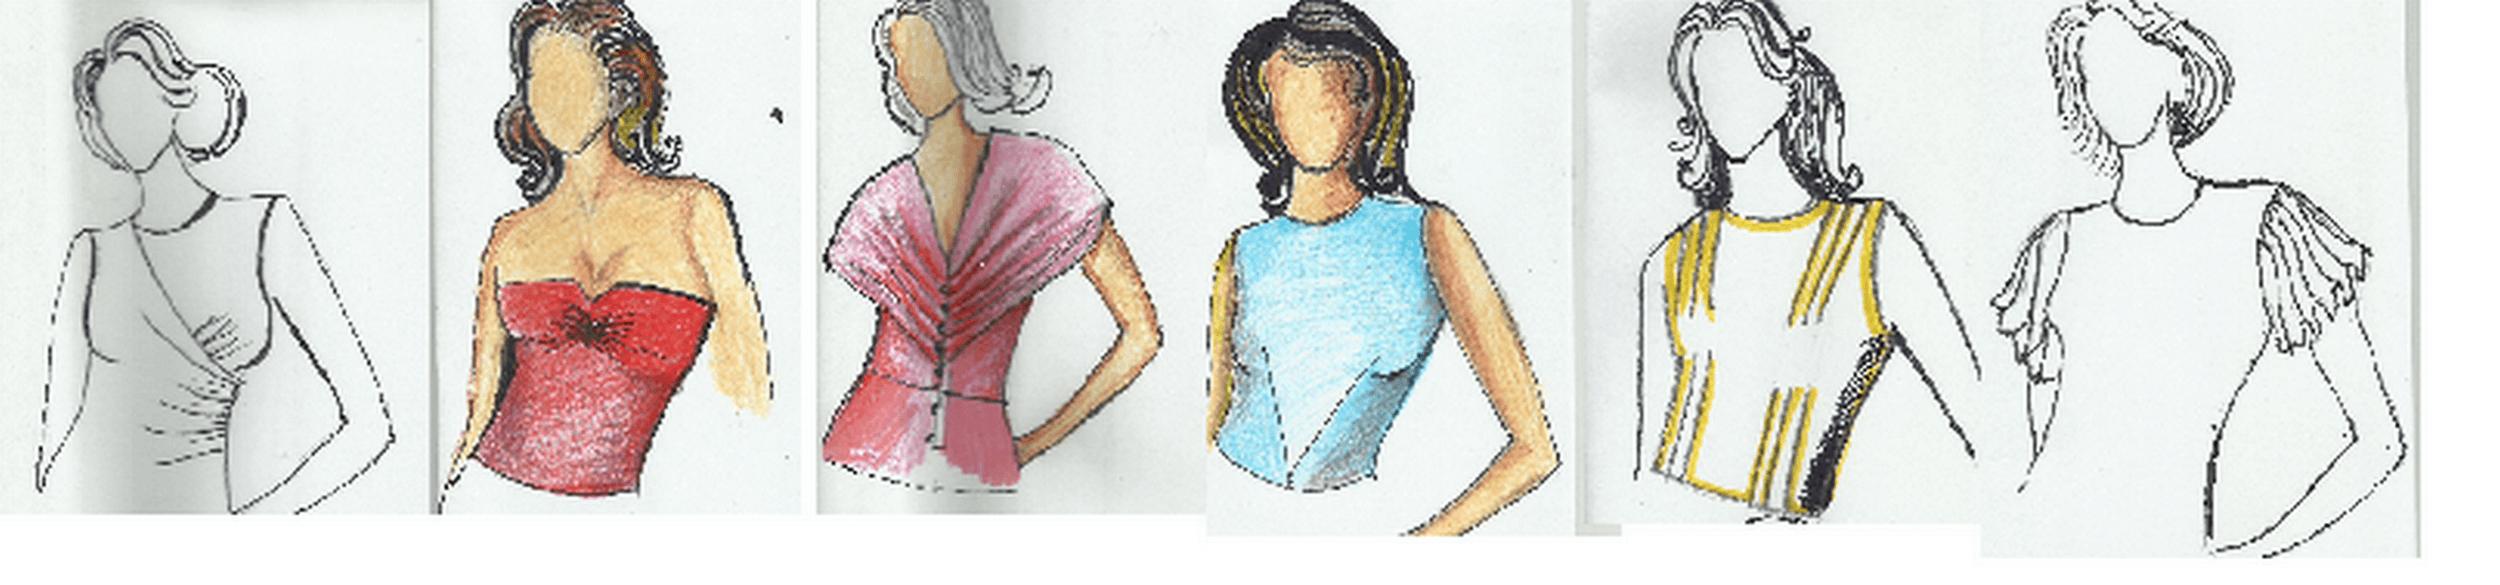 corpini e maniche senza difetti sequenza